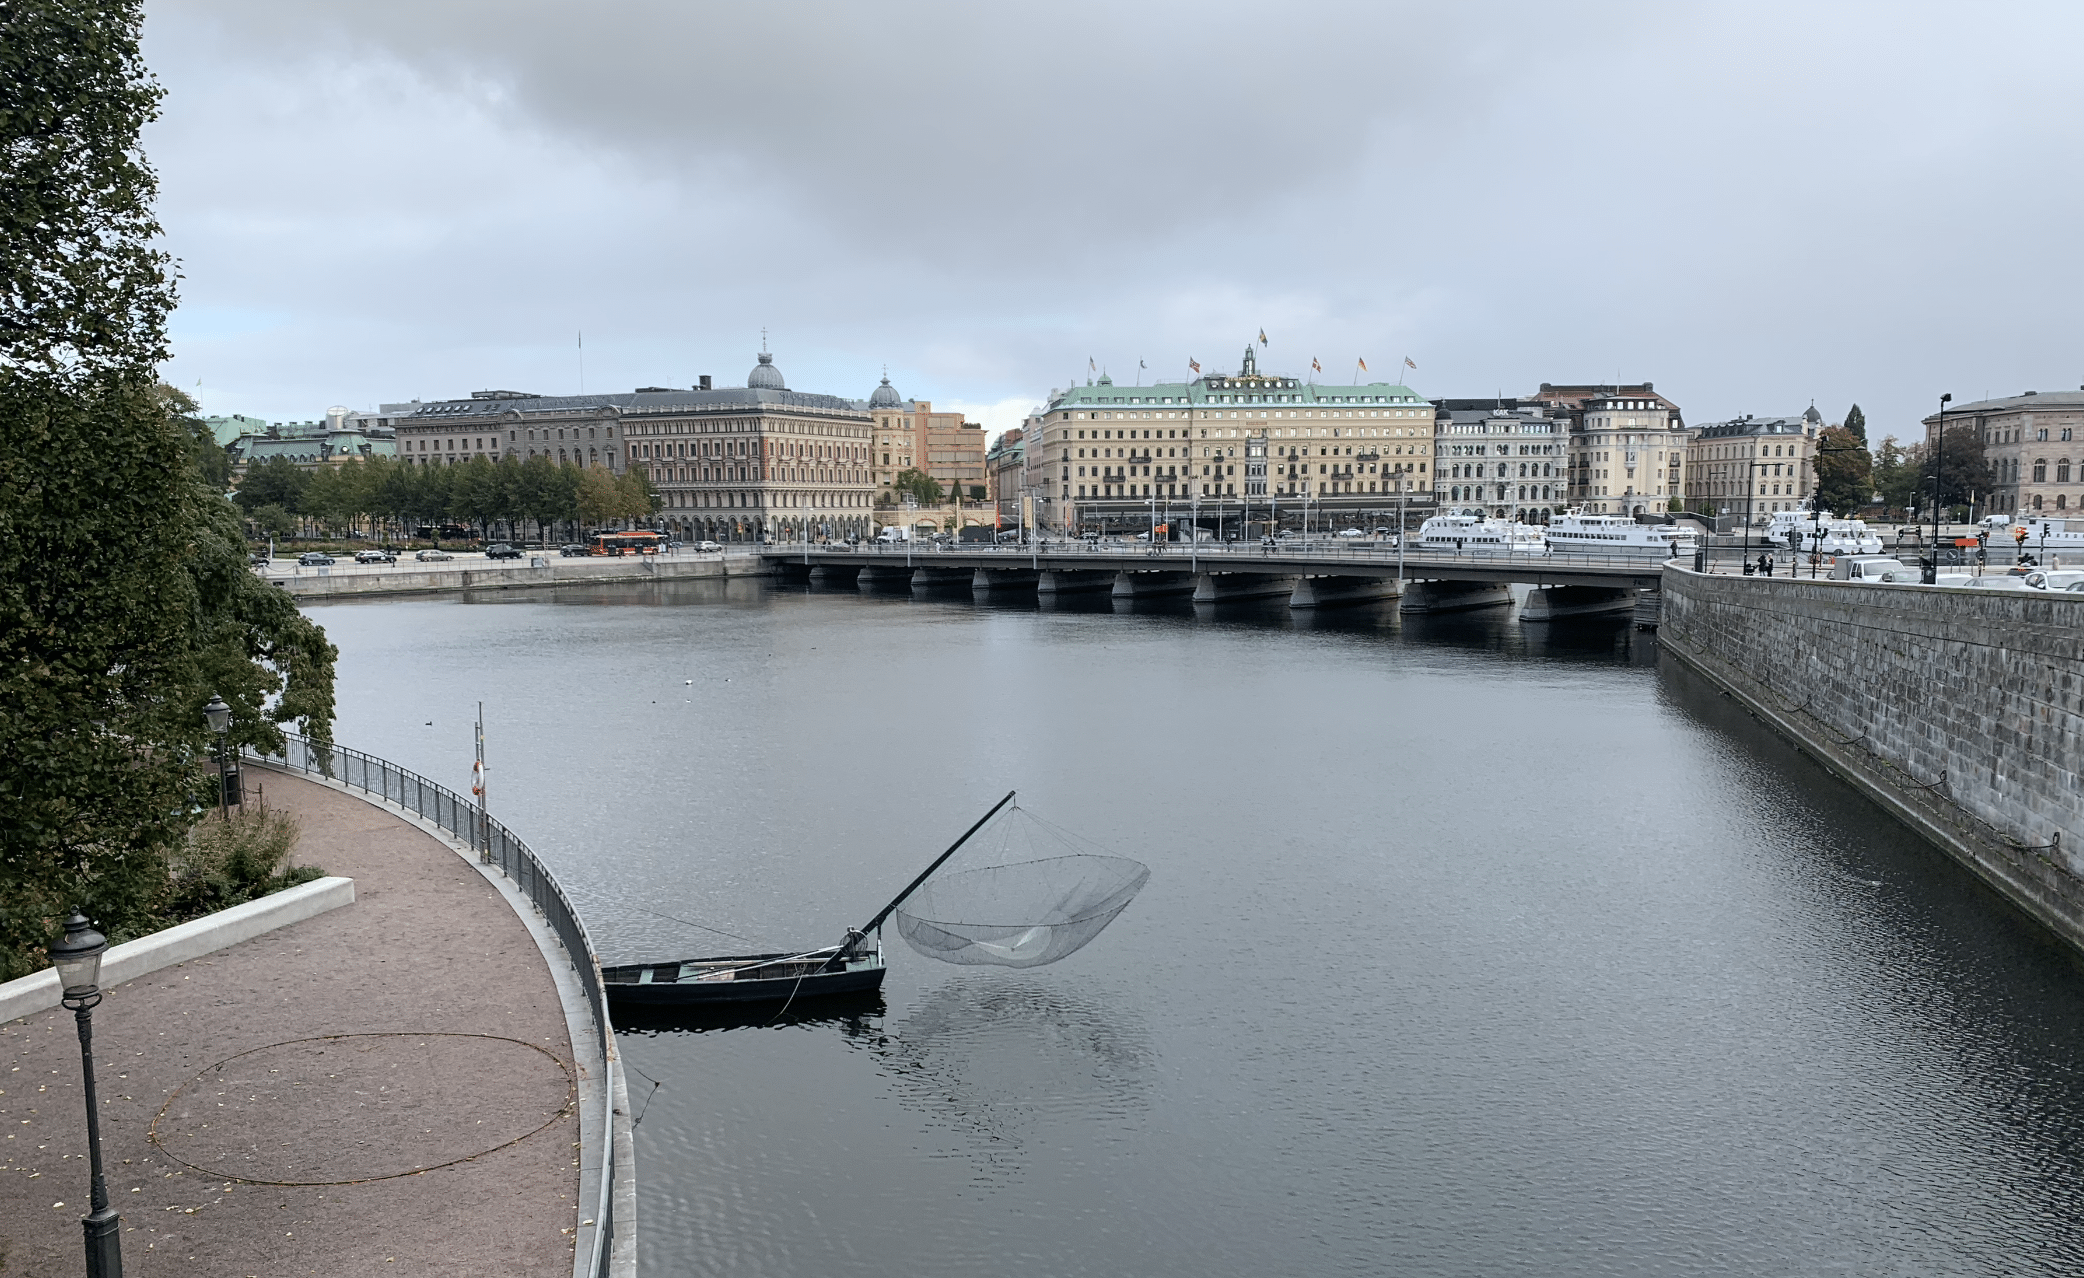 vue sur le quartier de norrmalm depuis le parc stromparterren